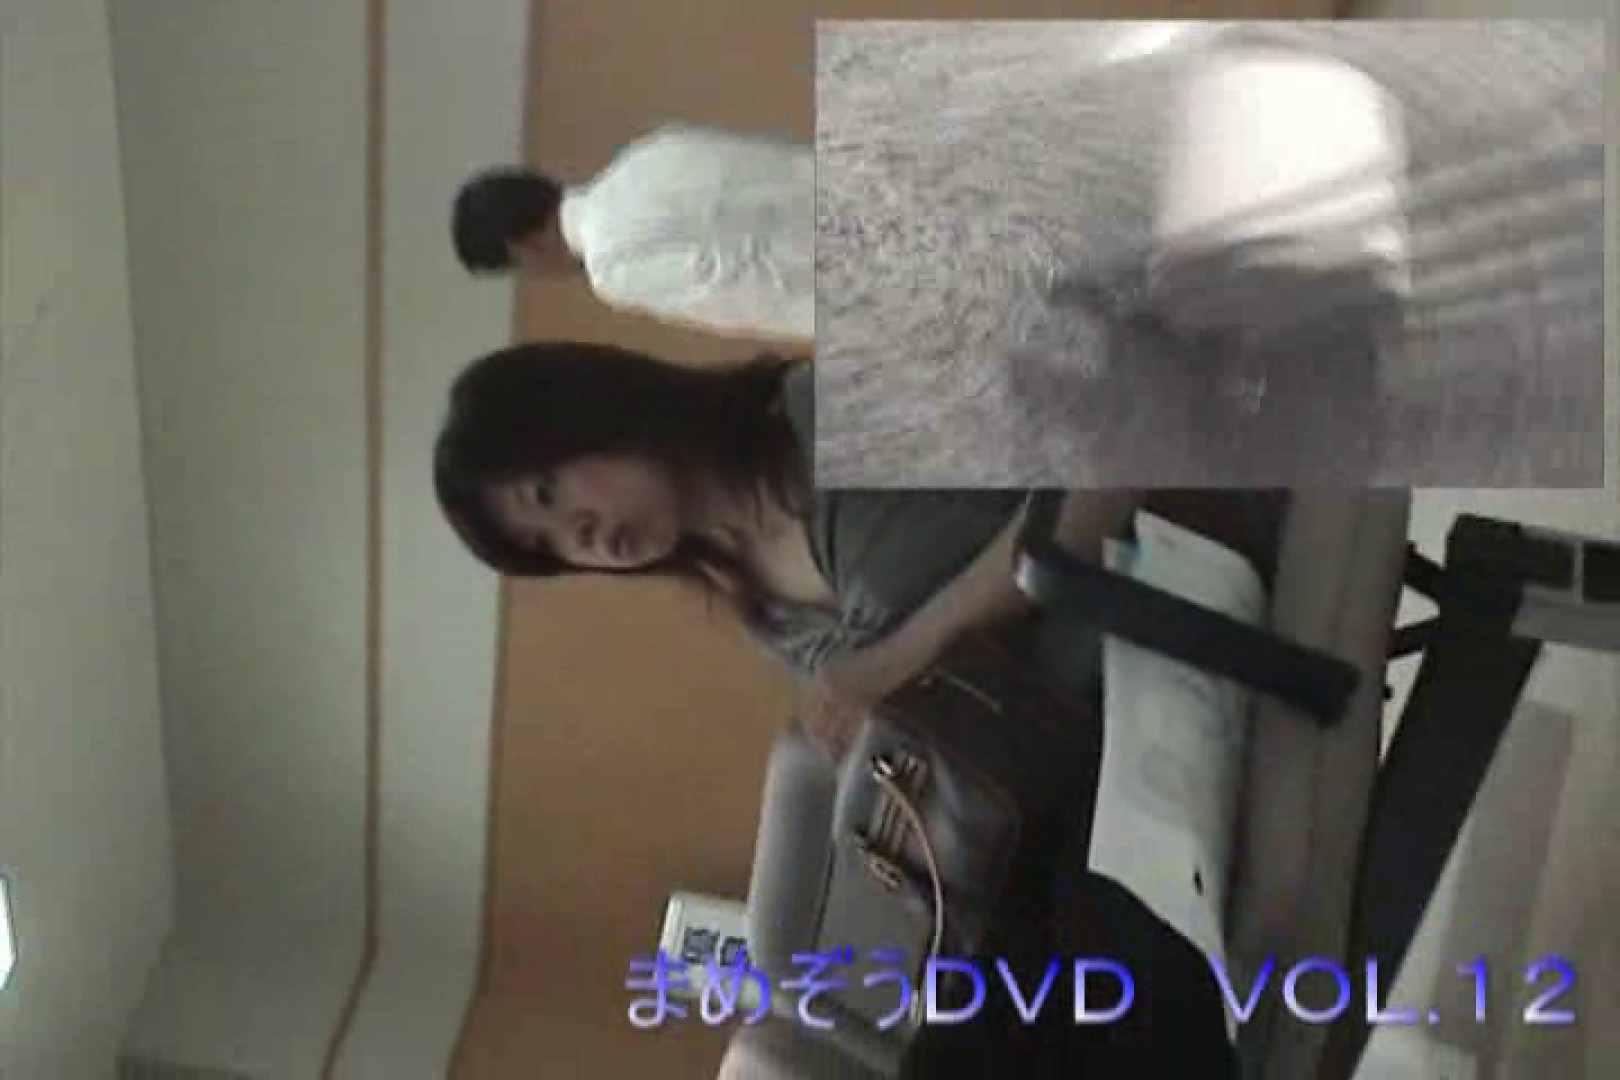 まめぞうDVD完全版VOL.12 OL   ギャル・コレクション  63連発 9